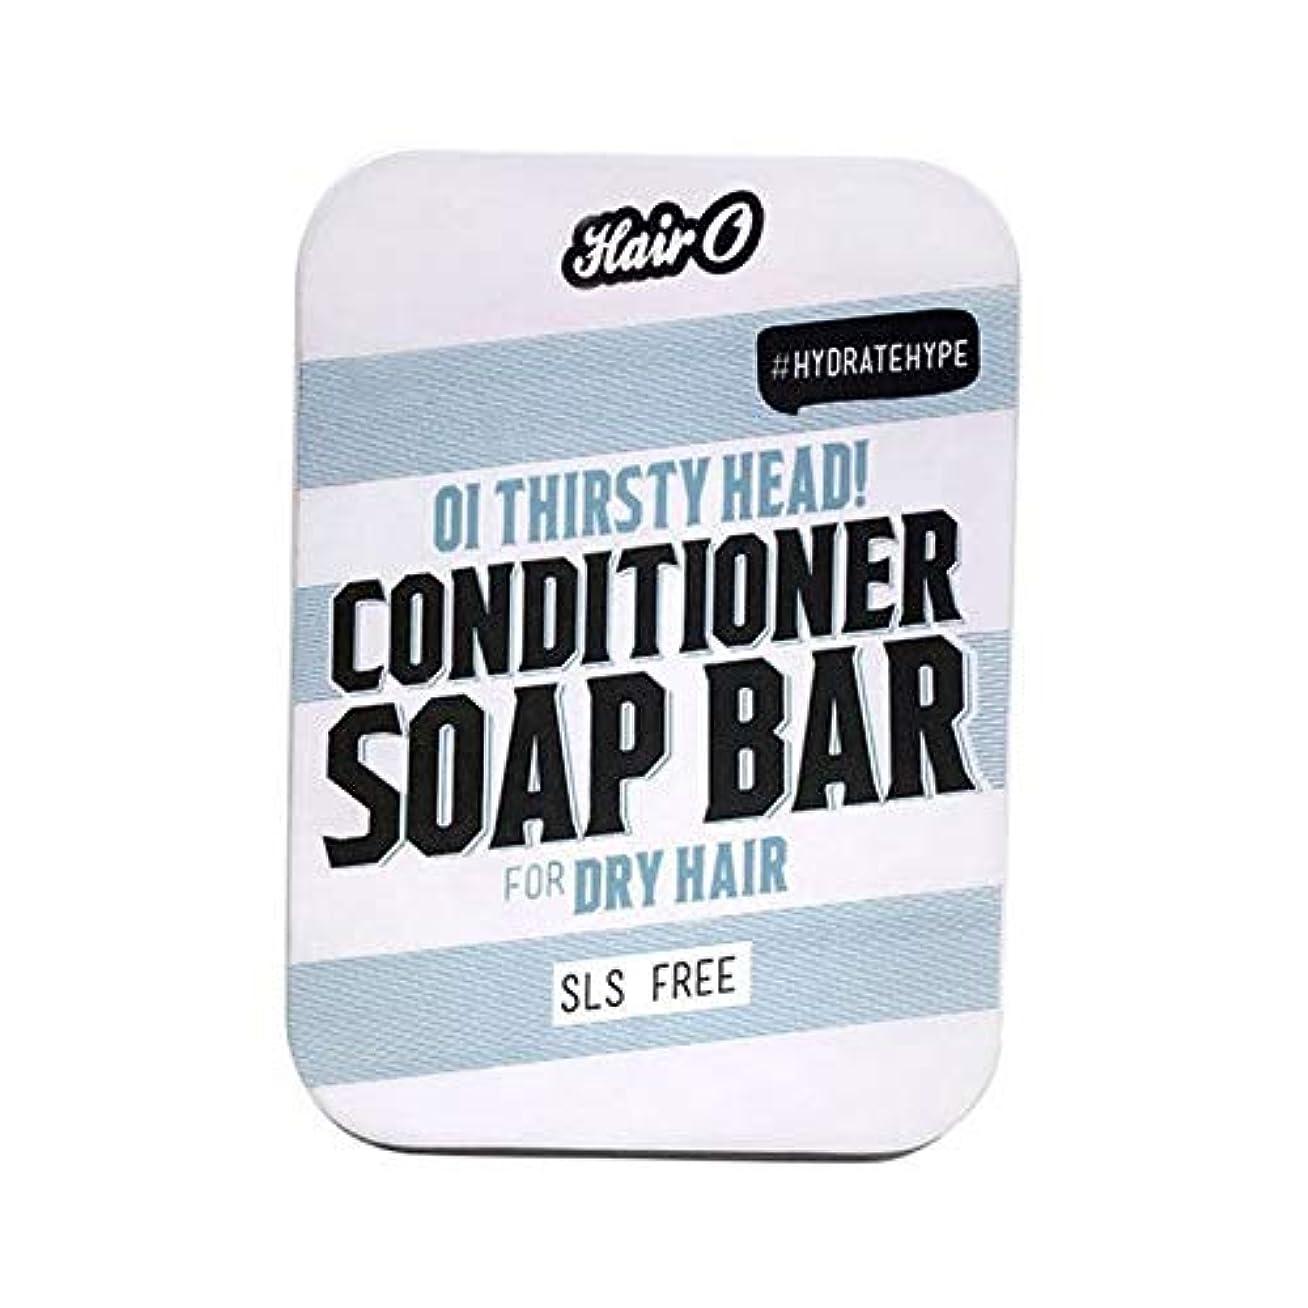 征服計画オート[Hair O ] 大井のどが渇いヘッドコンディショナーソープバー100グラムO毛 - Hair O Oi Thirsty Head Conditioner Soap Bar 100g [並行輸入品]